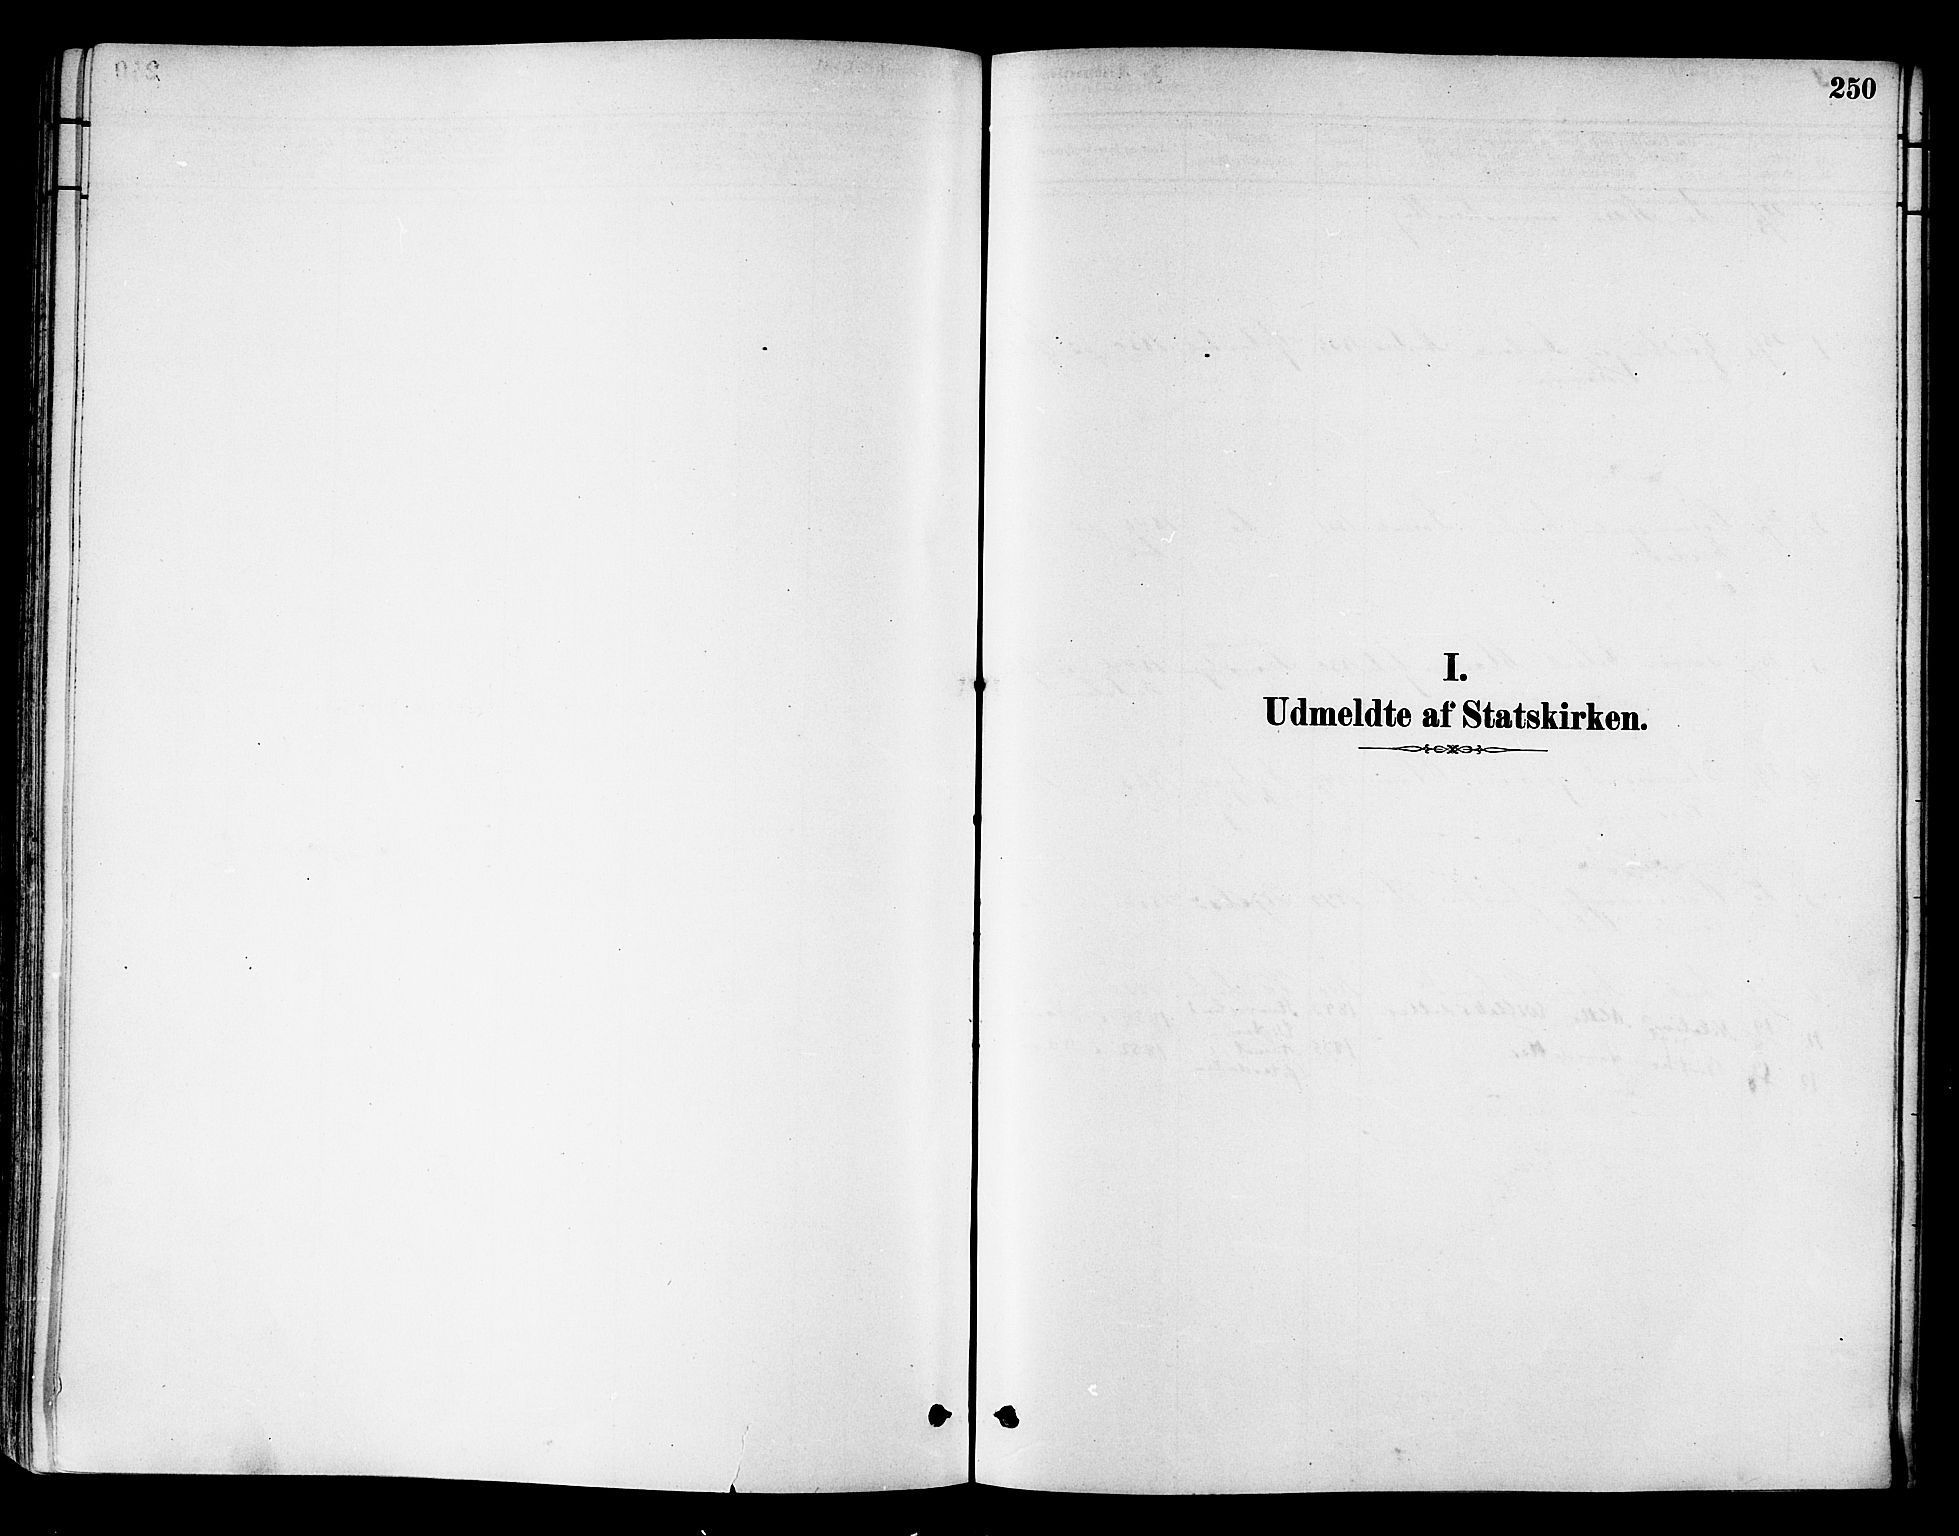 SAT, Ministerialprotokoller, klokkerbøker og fødselsregistre - Nord-Trøndelag, 786/L0686: Ministerialbok nr. 786A02, 1880-1887, s. 250